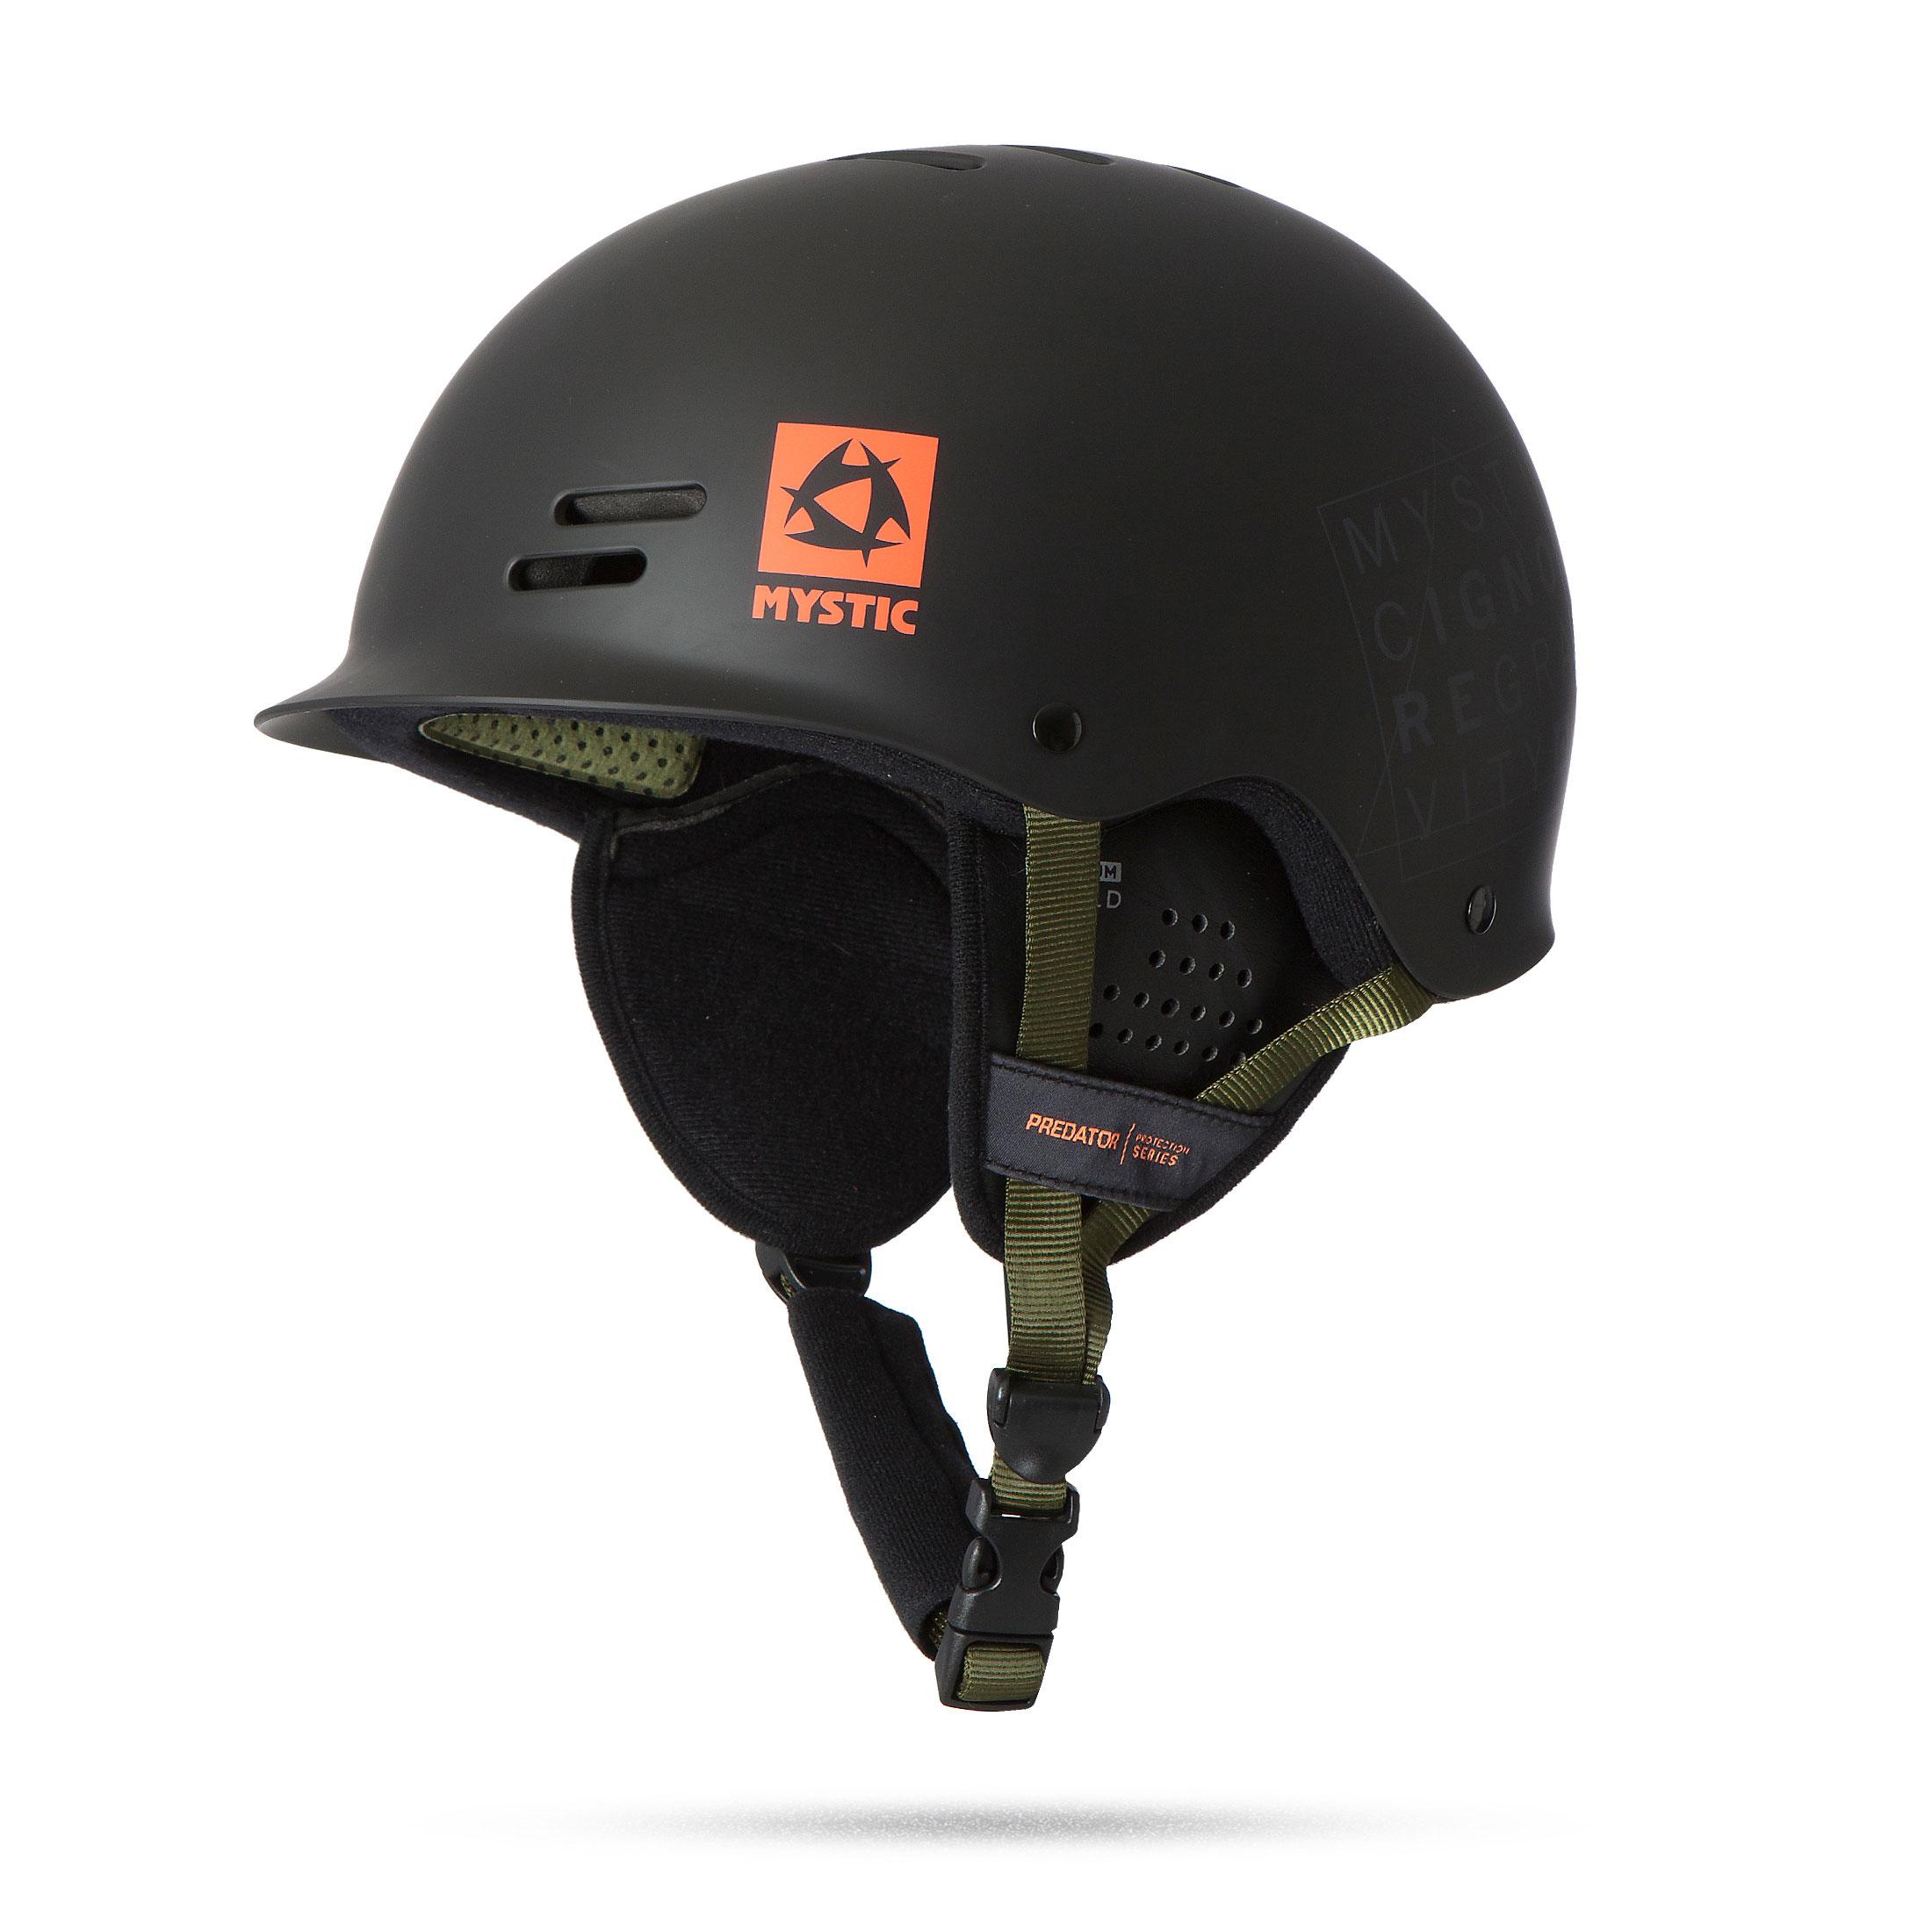 Mystic Predator Kite Amp Wakeboarding Helmet 2016